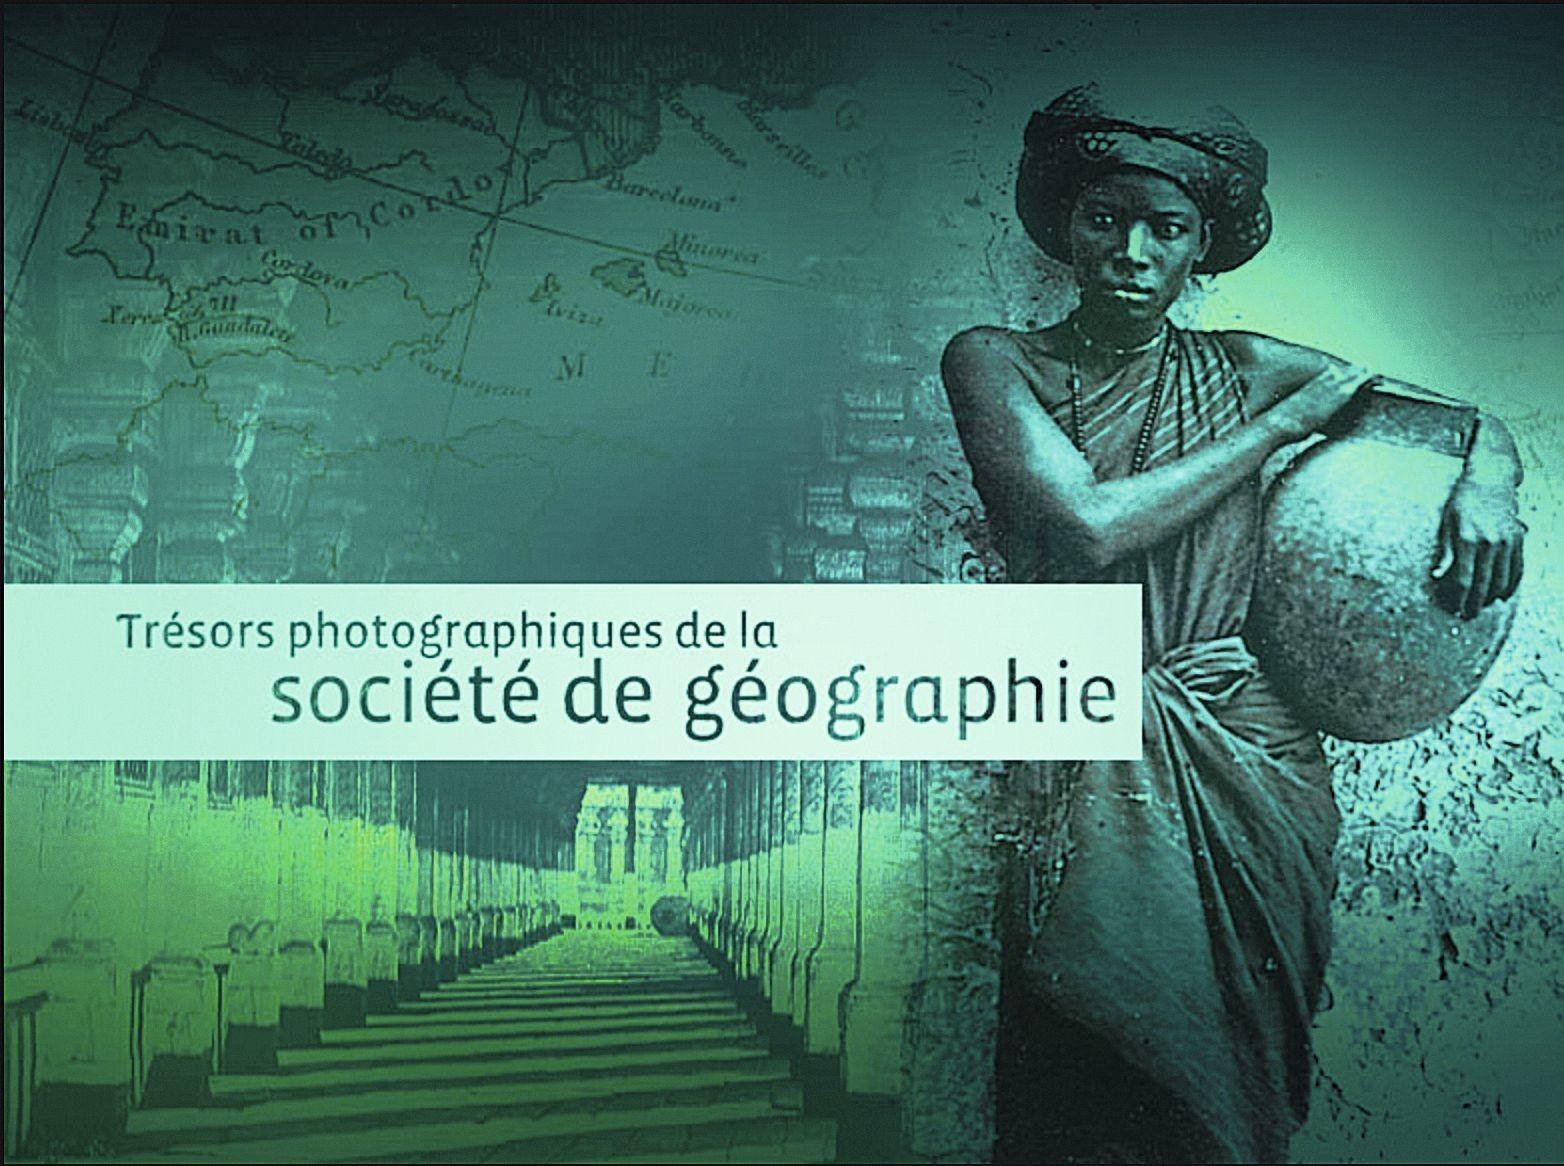 exposition Les sociétés de géographie